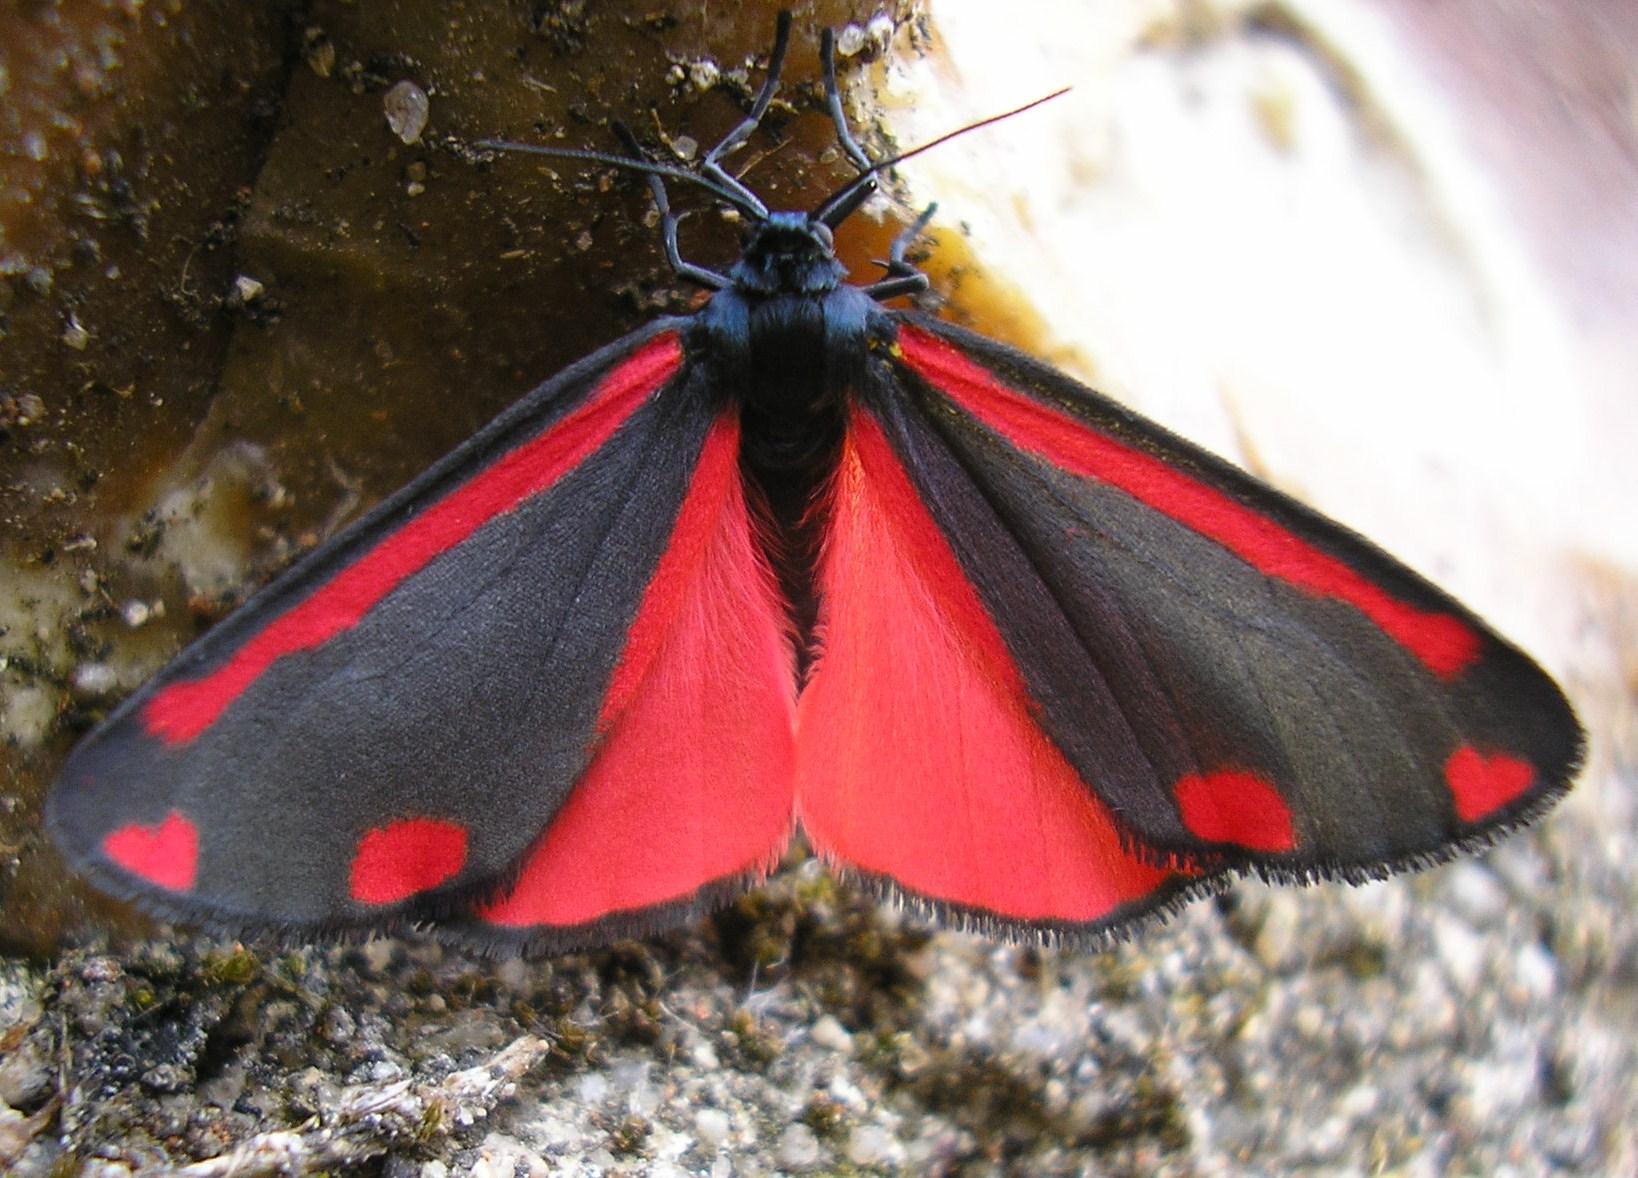 tyria jacobaeae linn 1758 la goutte de sang papillons papillons de nuit for t d 39 orl ans. Black Bedroom Furniture Sets. Home Design Ideas